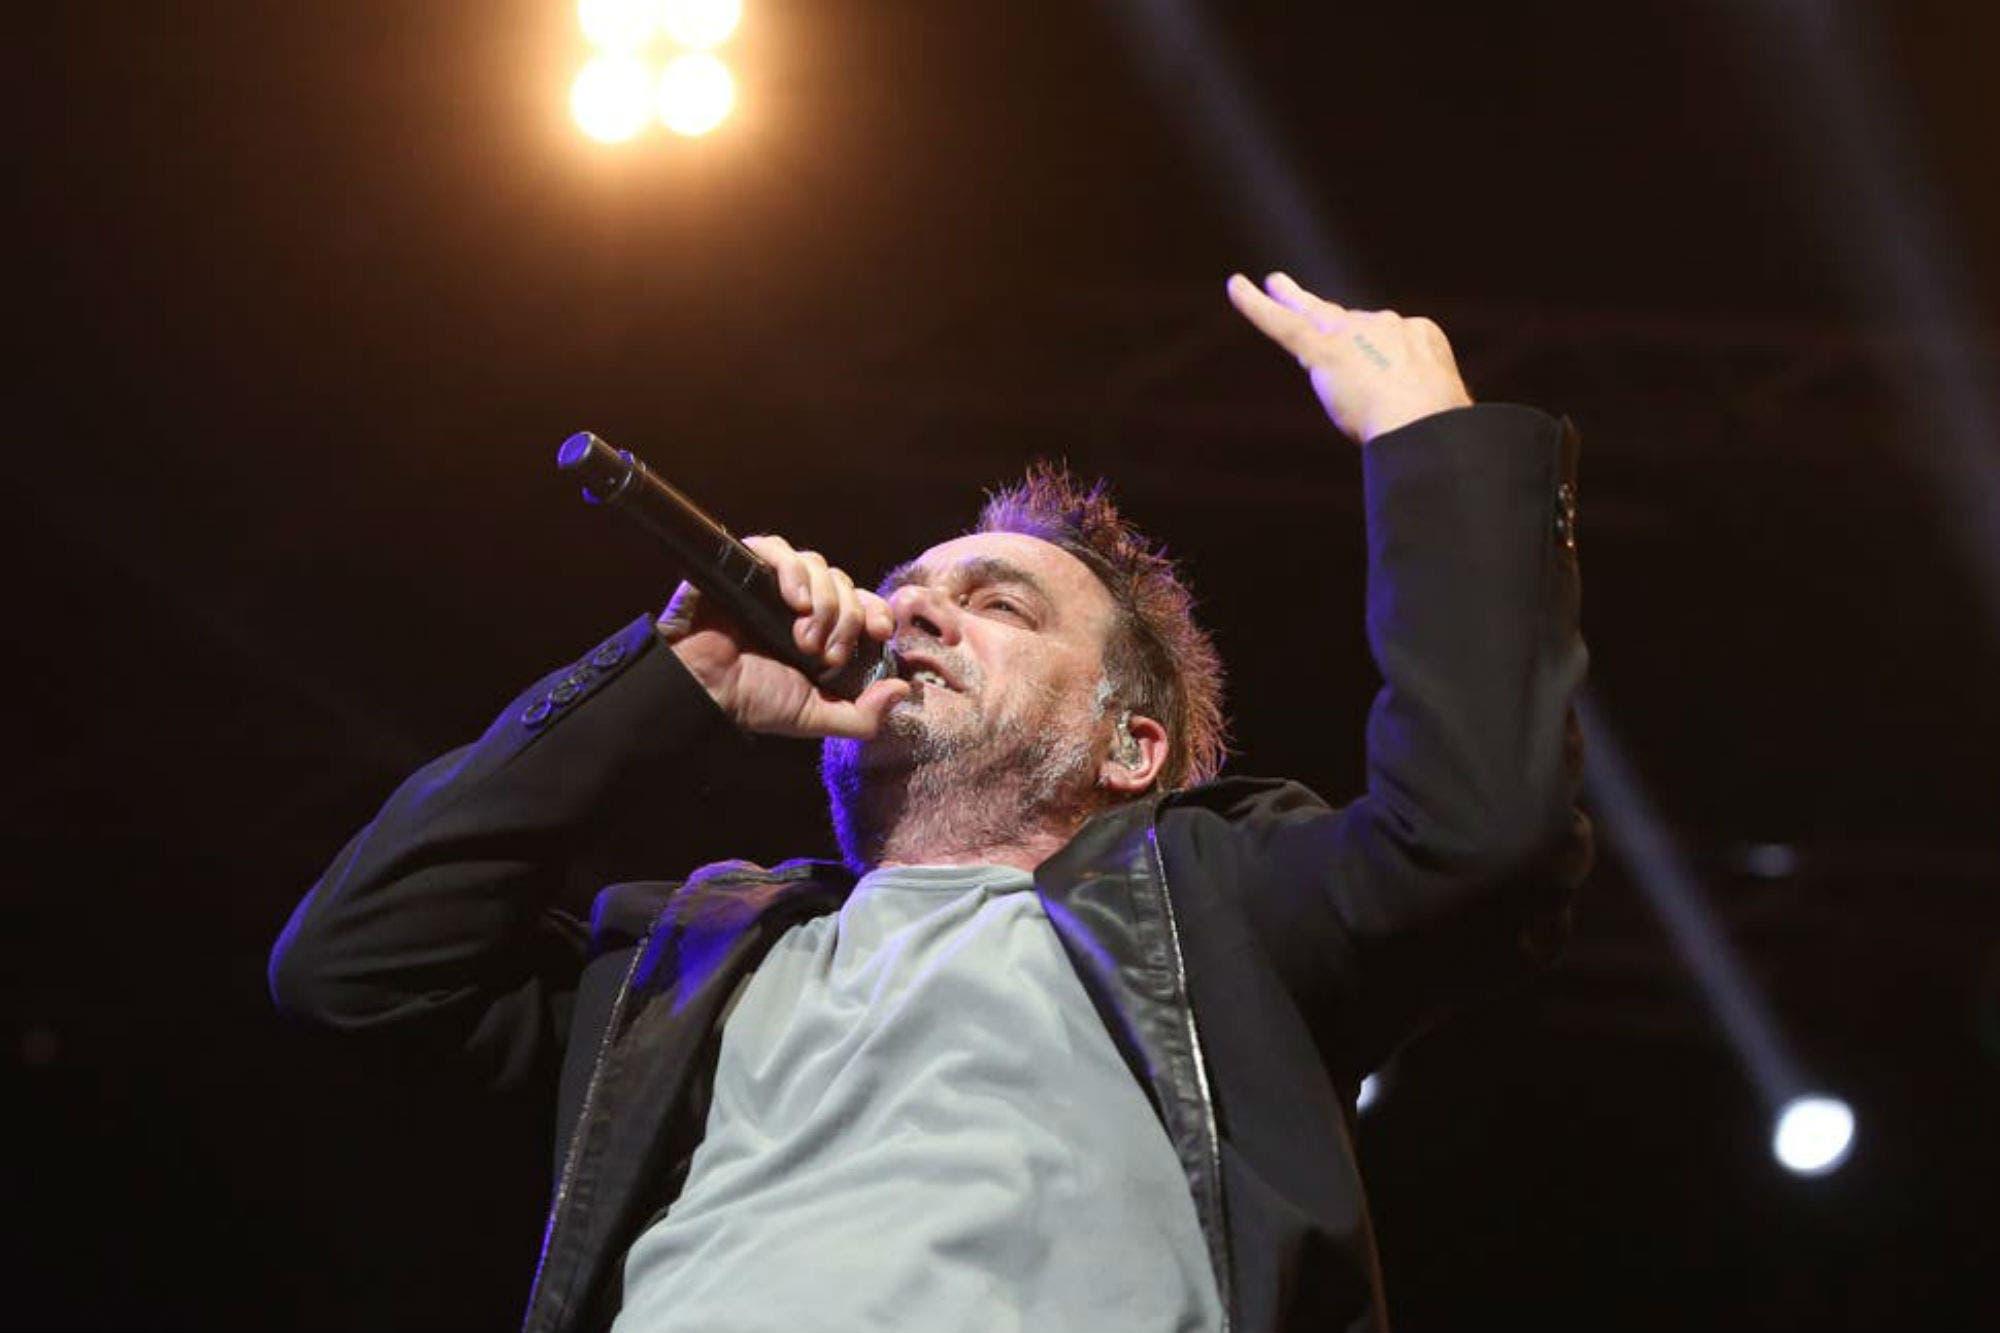 La Renga y Vicentico anticipan, con canciones, sus nuevos discos